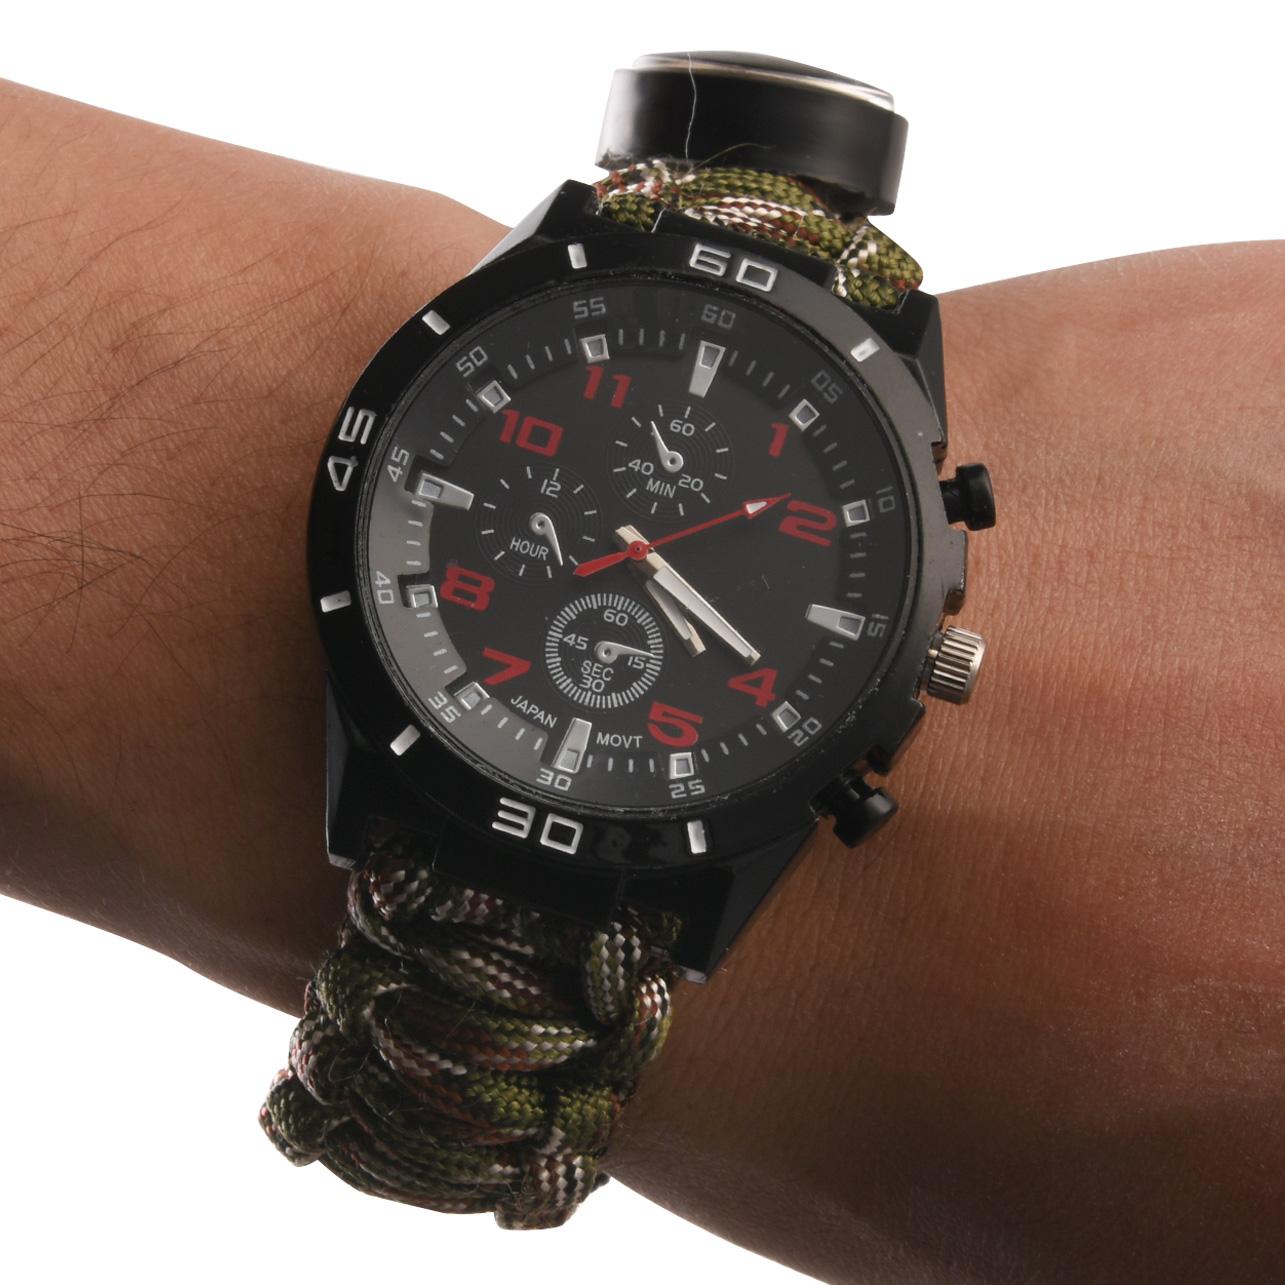 Тактические часы с компасом с доставкой